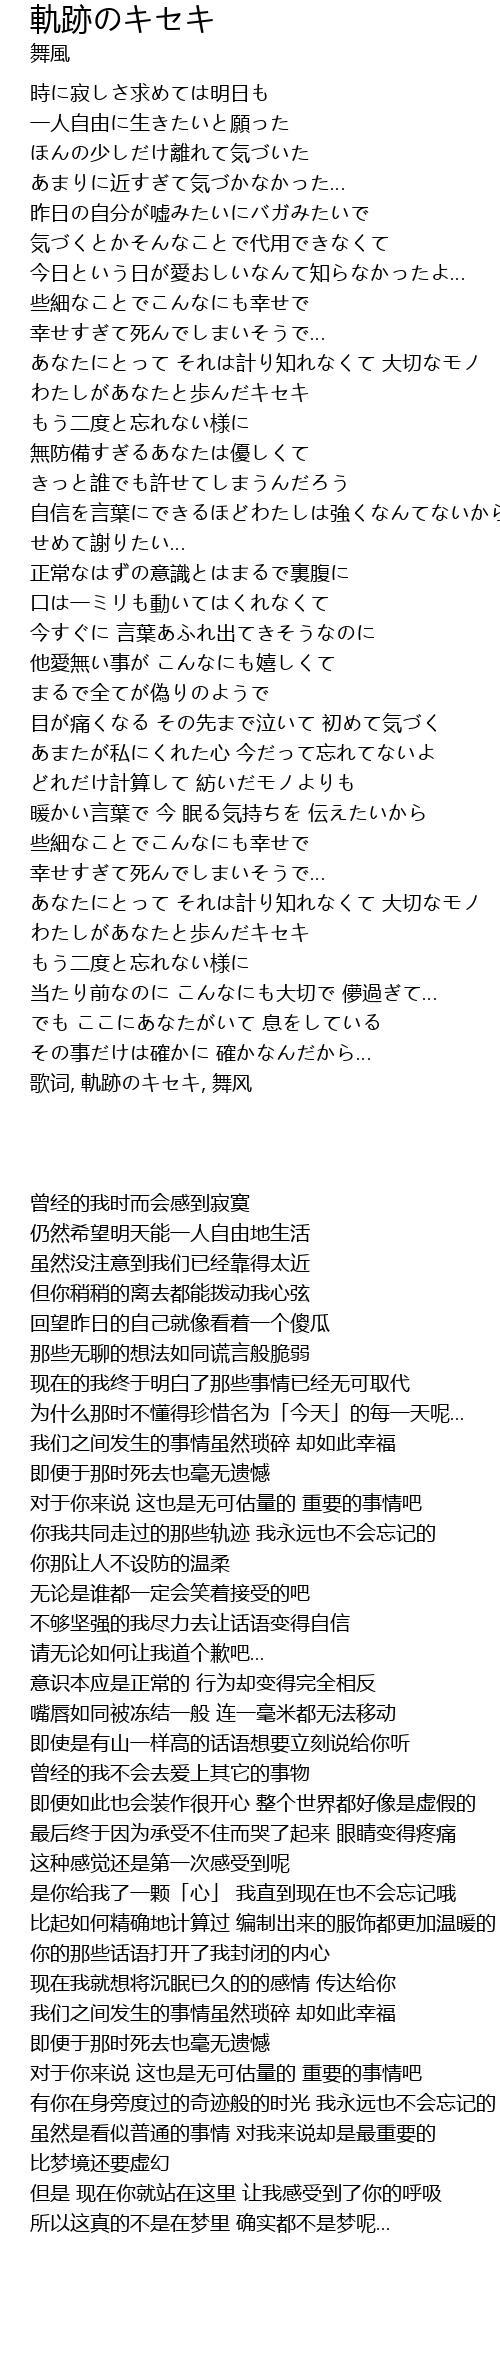 歌詞 キセキ GReeeeN キセキ